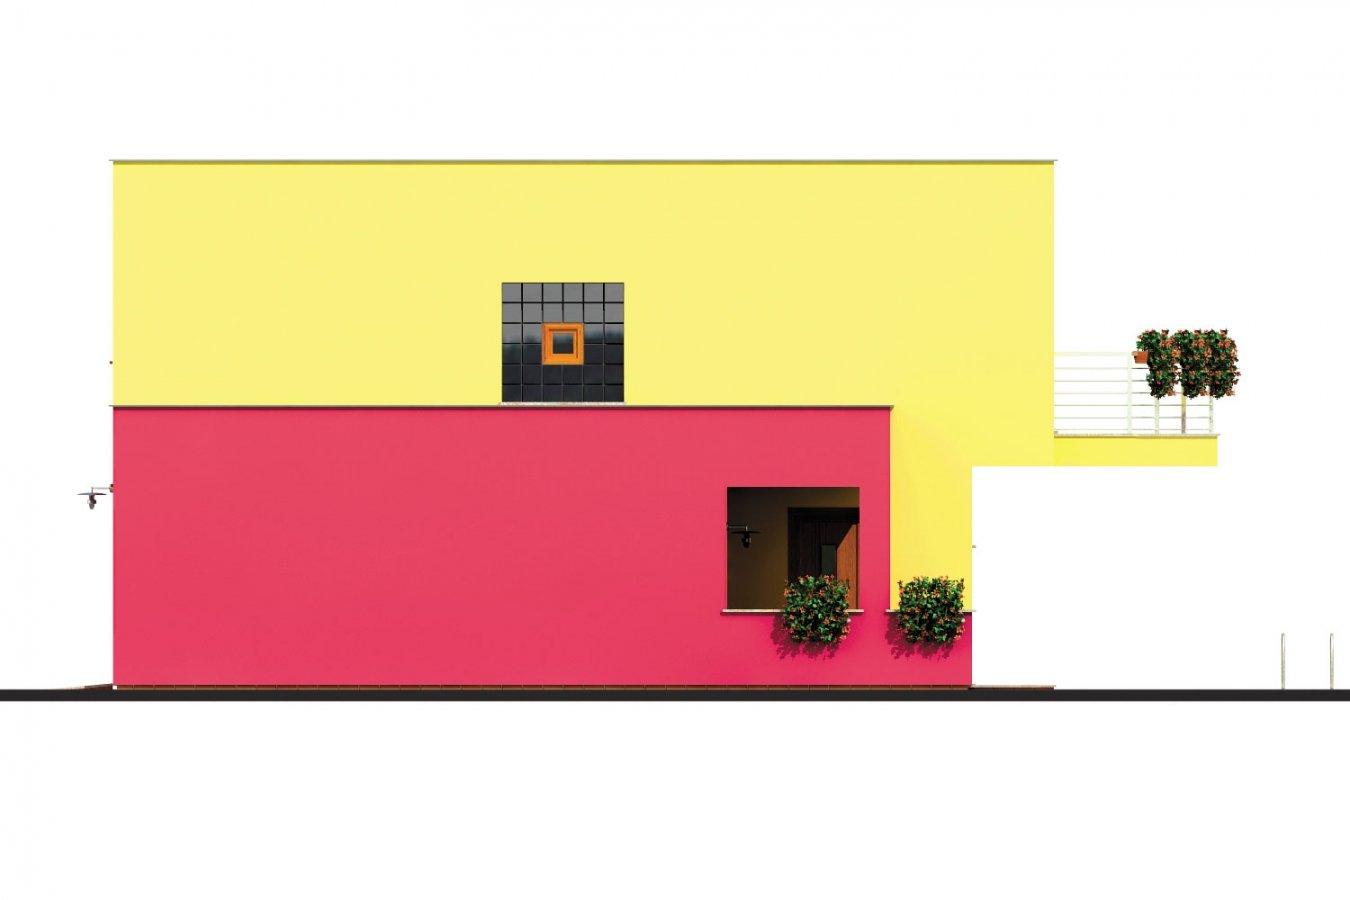 Pohľad 4. - Projekt domu s rovnou strechou